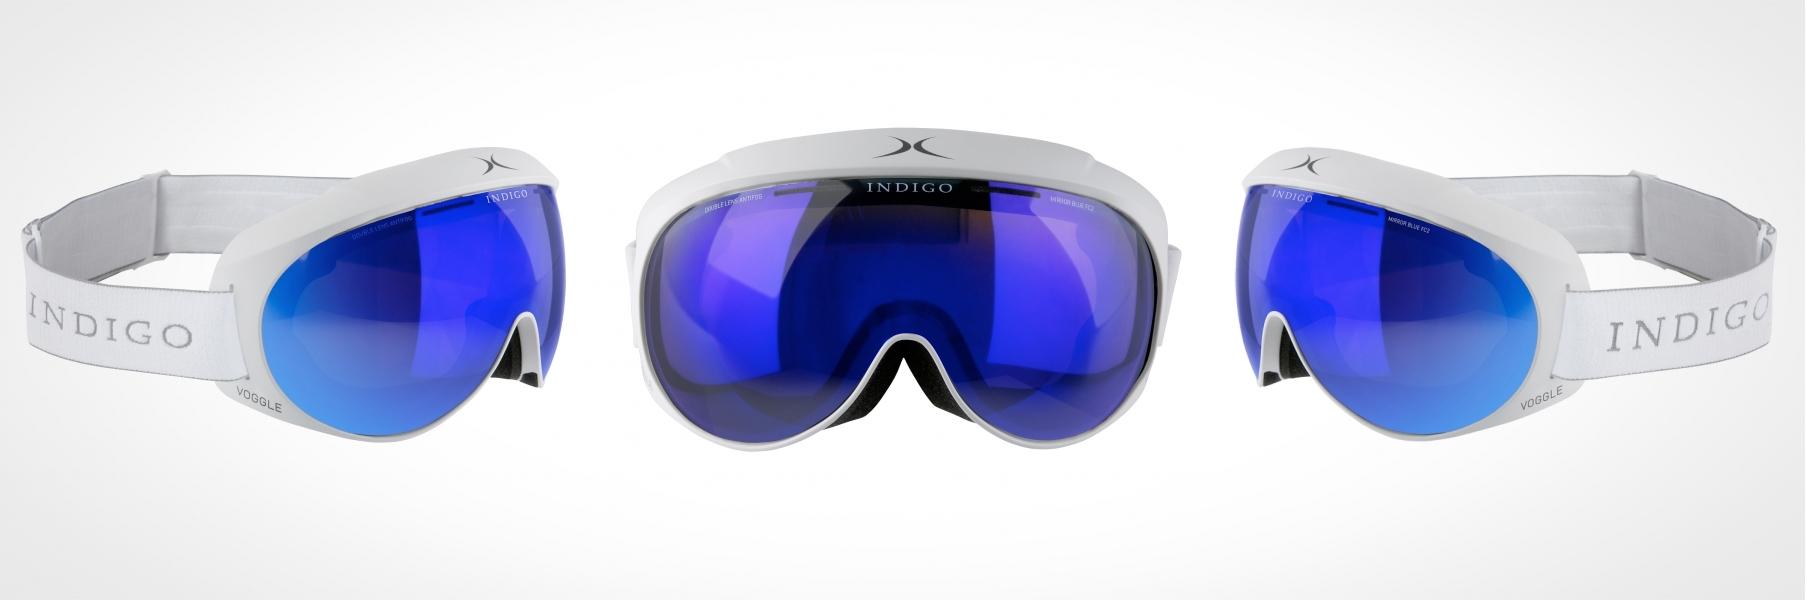 indigo ski voggle